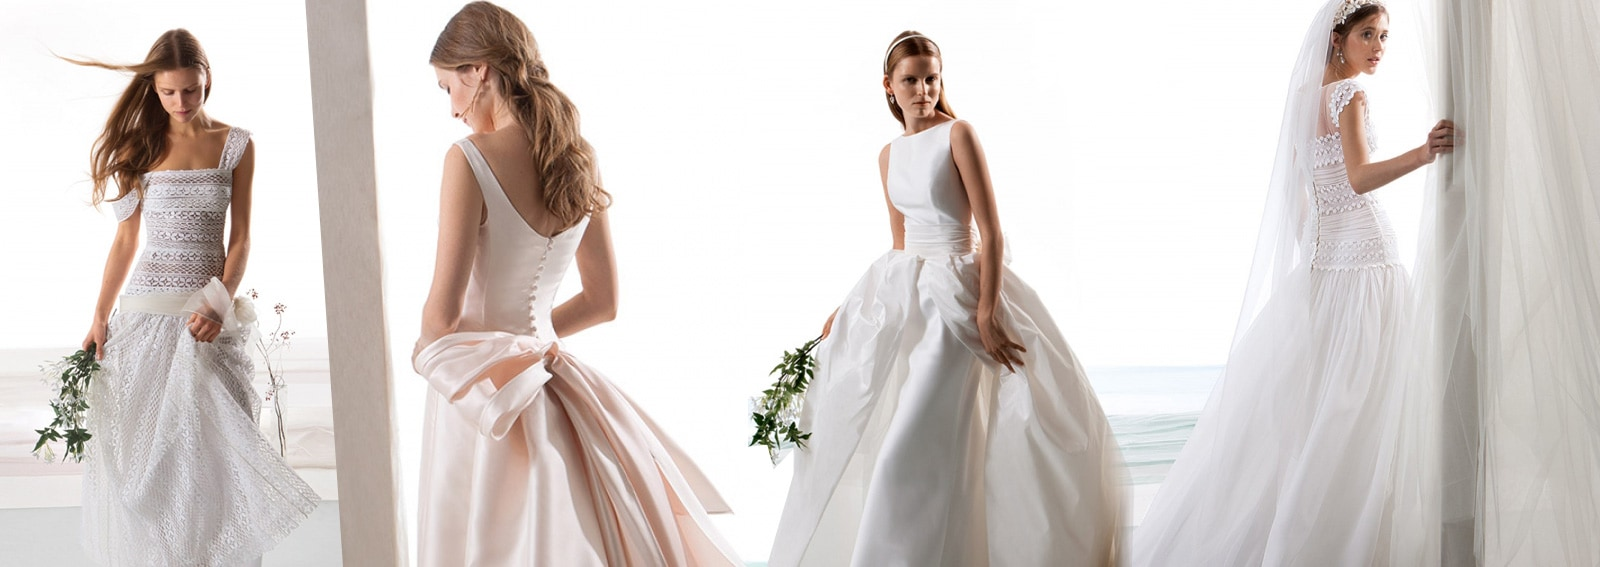 COVER-abiti-da-sposa-spose-di-gio-DESKTOP